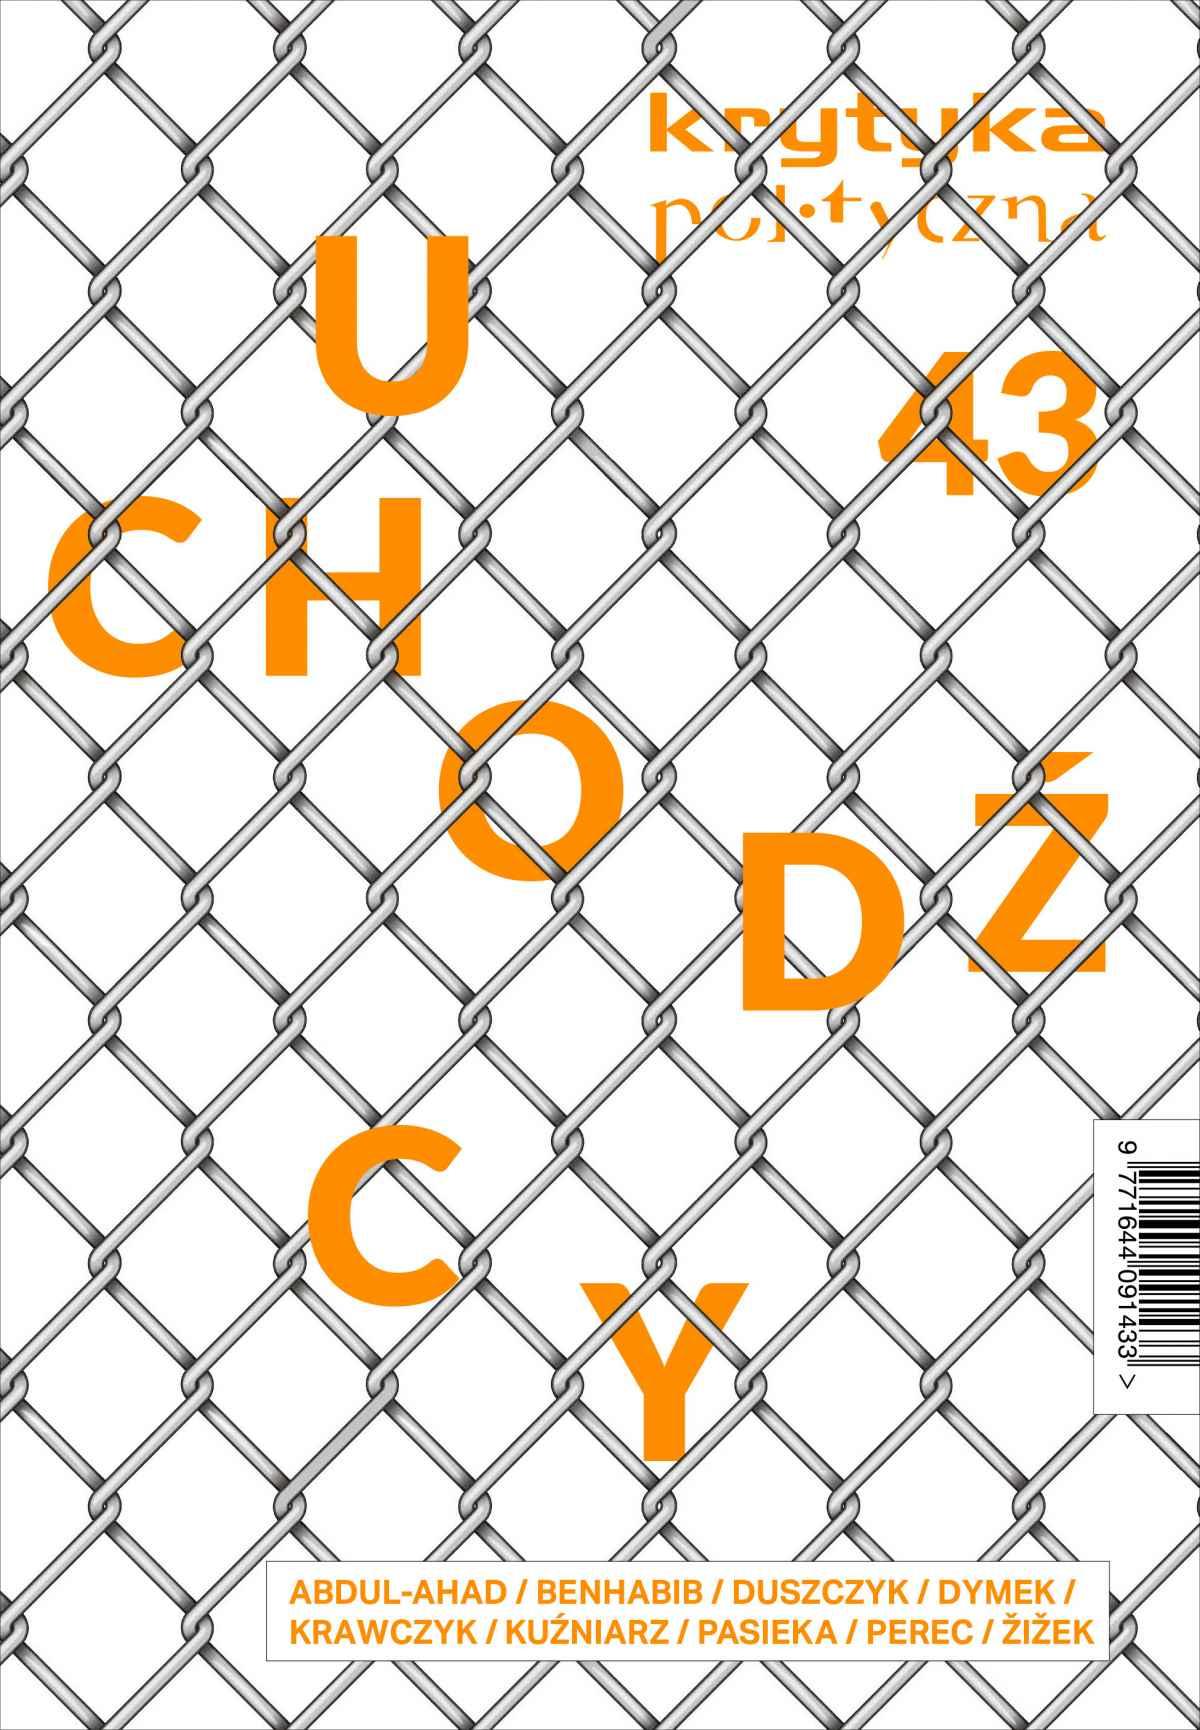 """Krytyka Polityczna nr 43 """"Uchodźcy"""" - Ebook (Książka na Kindle) do pobrania w formacie MOBI"""